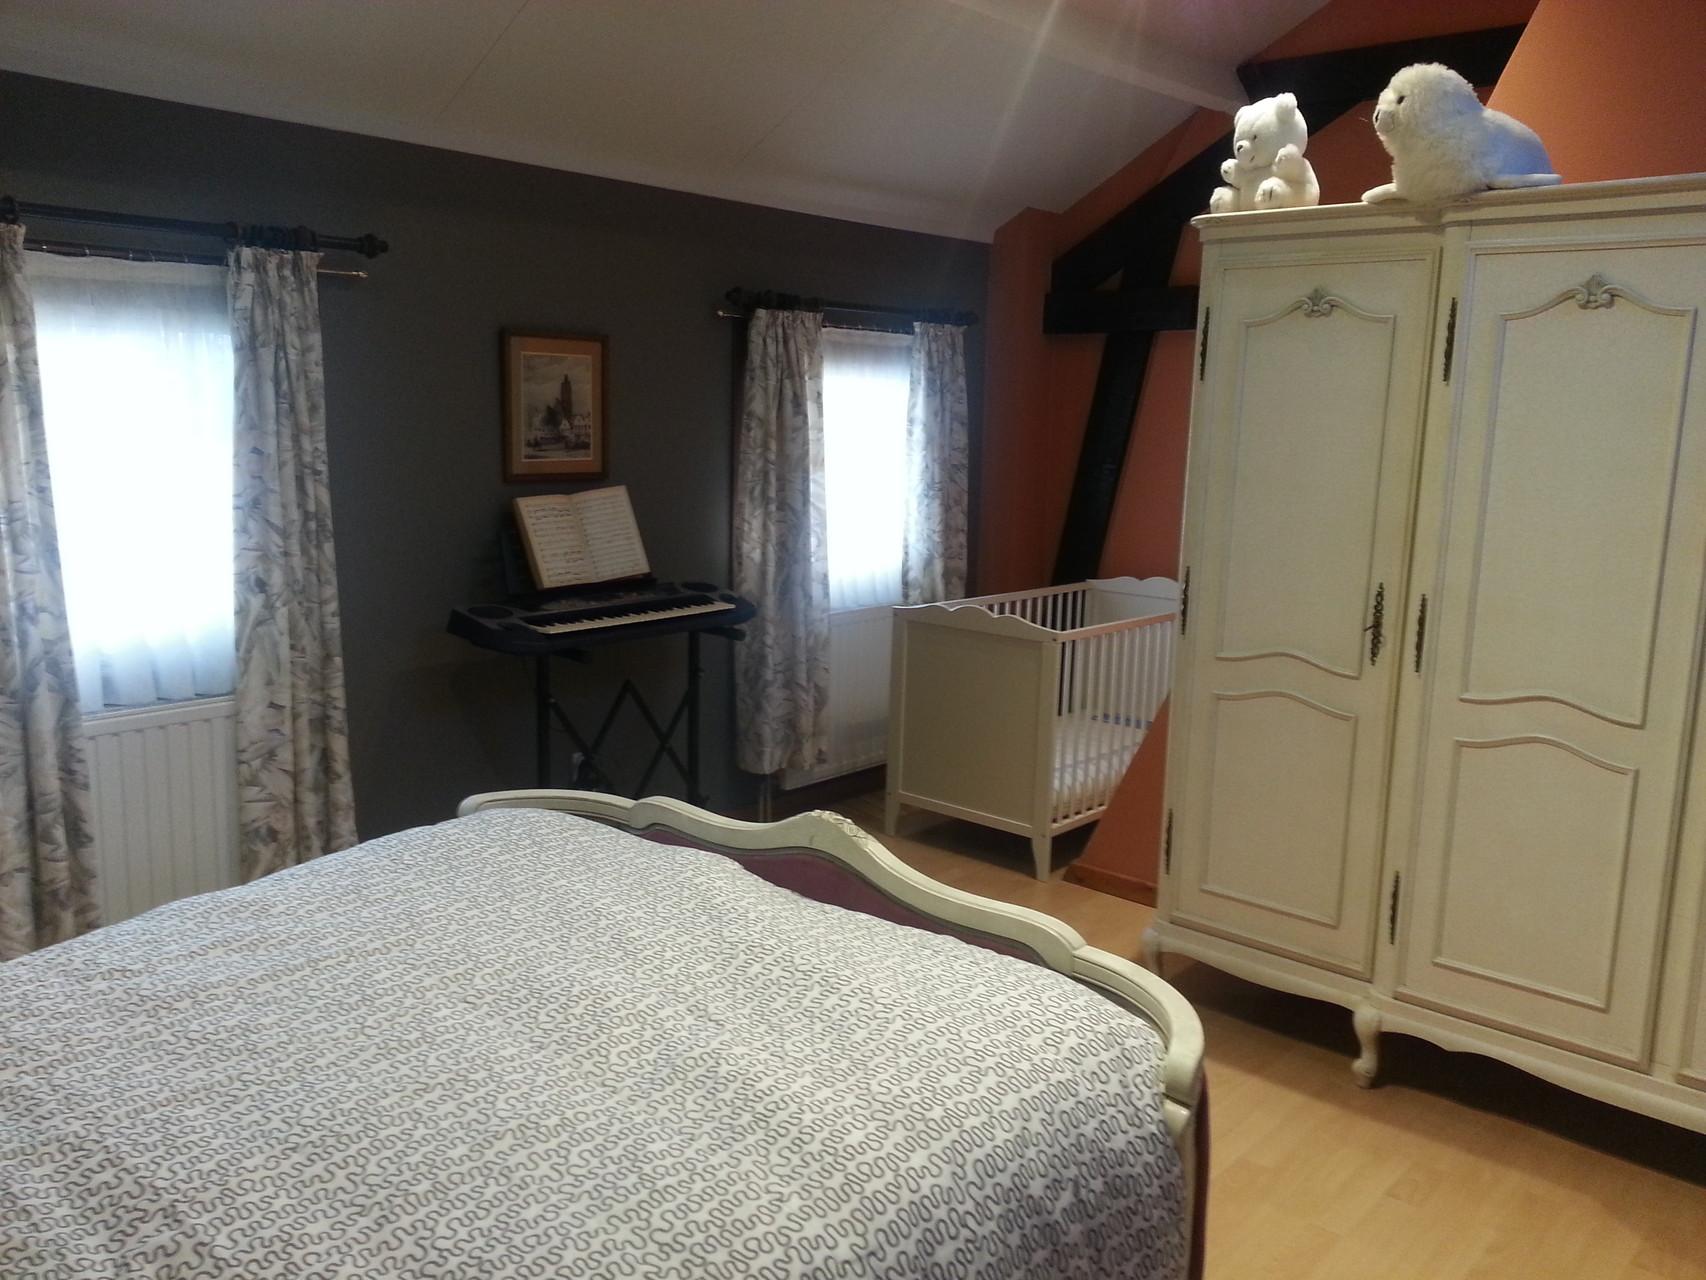 Slaapkamer + Kinderbed